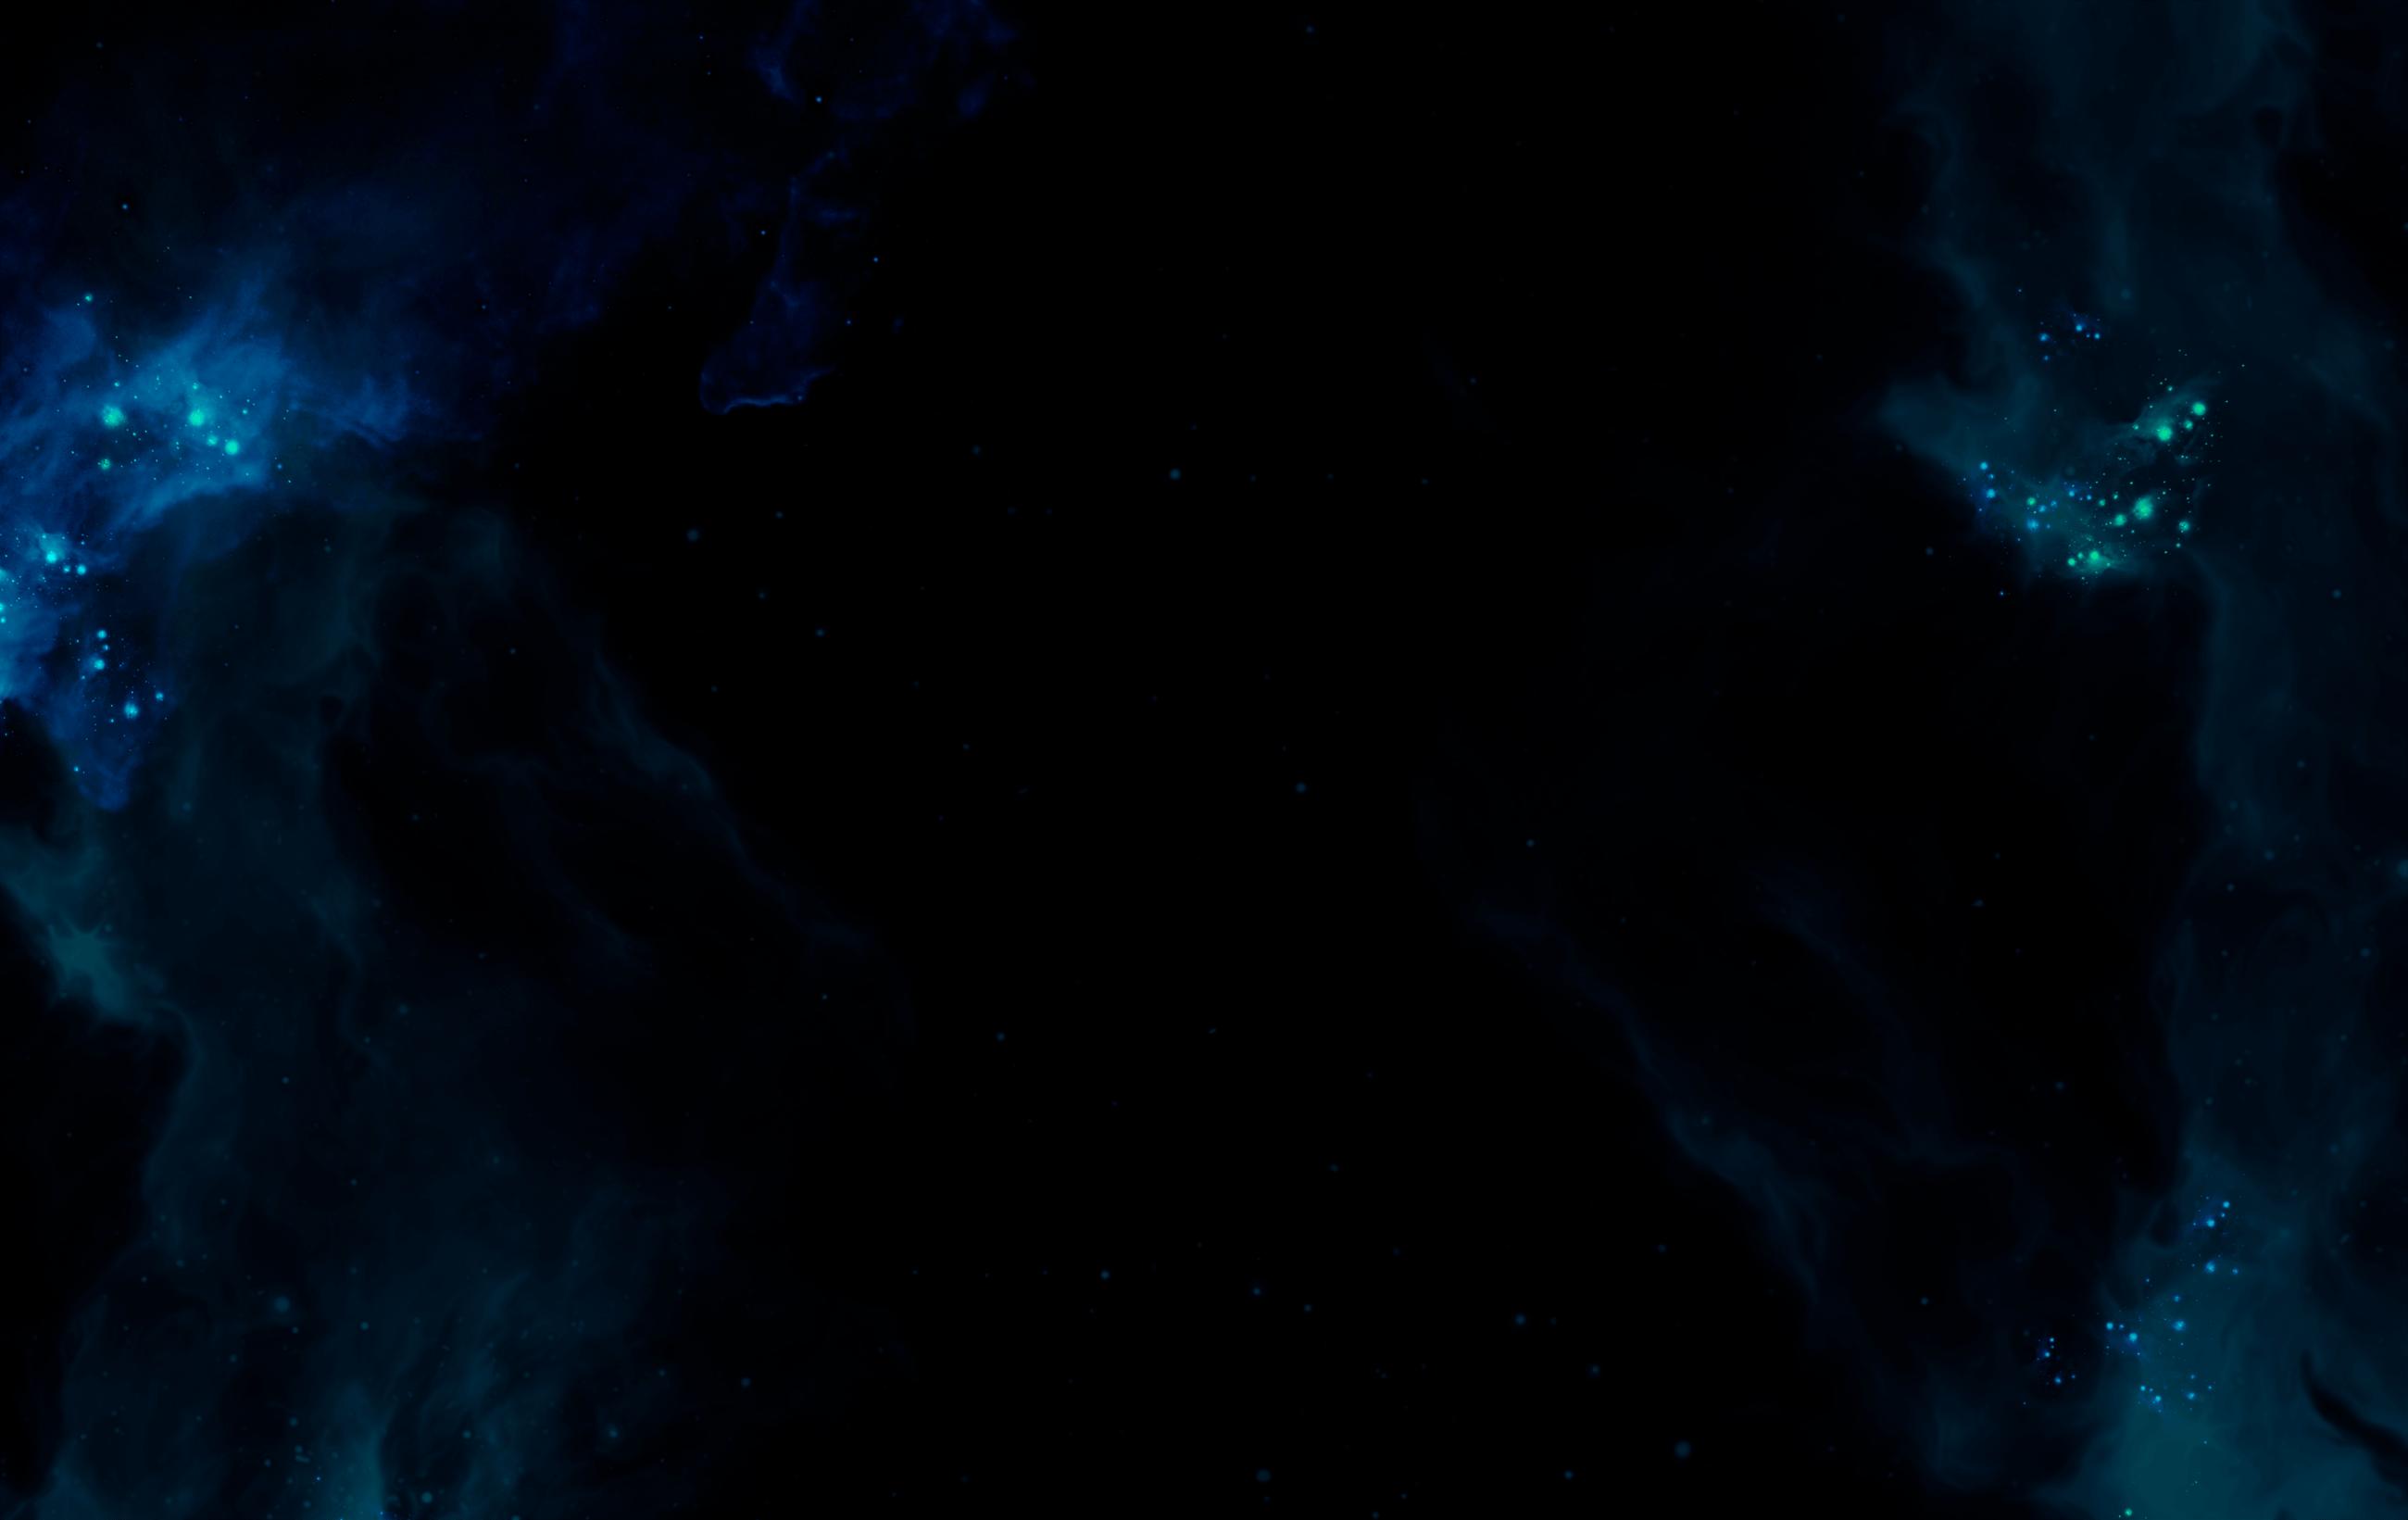 nebula 02